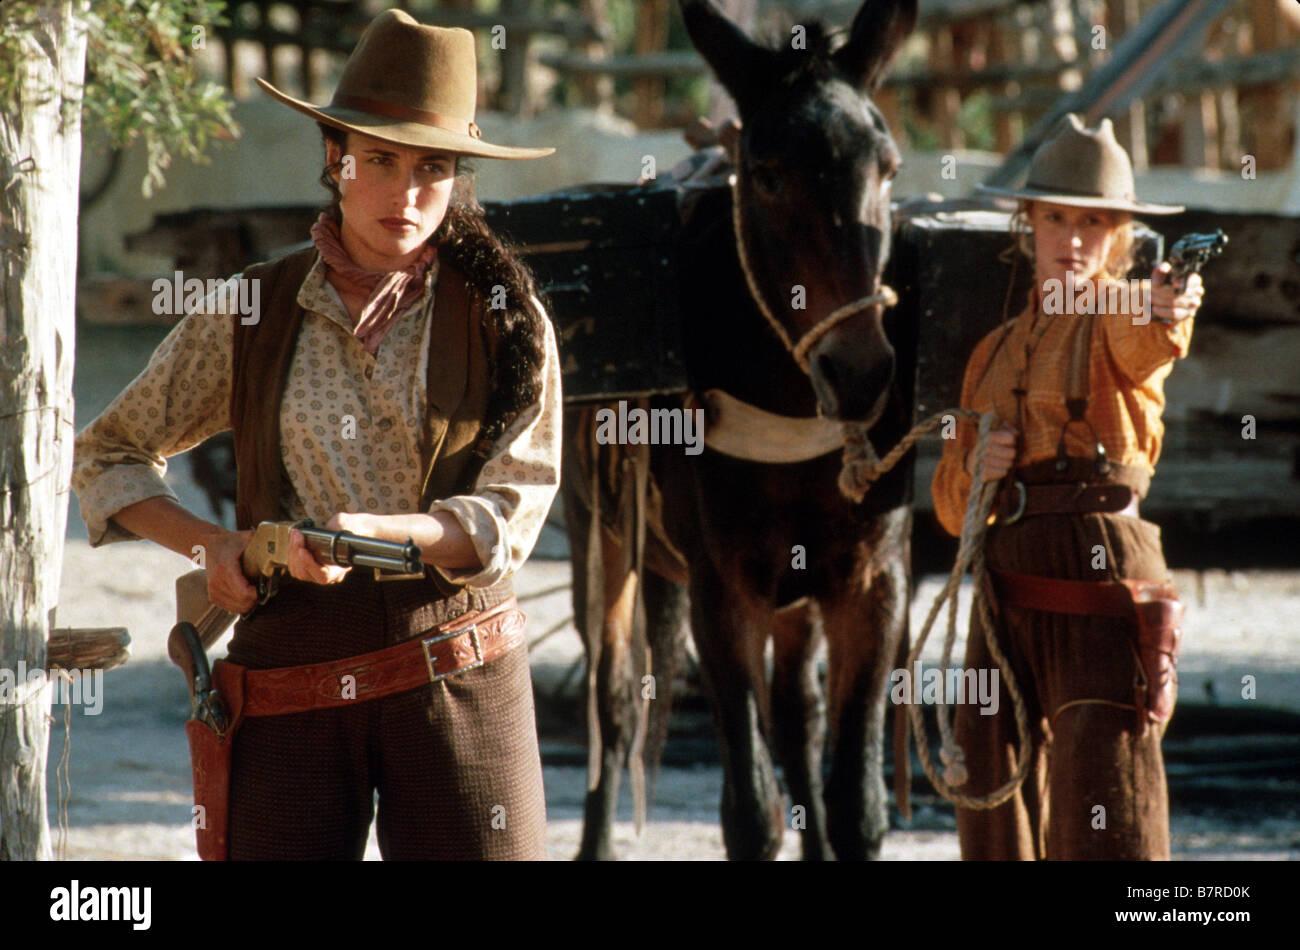 Les belles de l ouest Bad Girls Année 1994 usa Andie MacDowell Mary Stuart Masterson Réalisateur Jonathan Kaplan Stock Photo